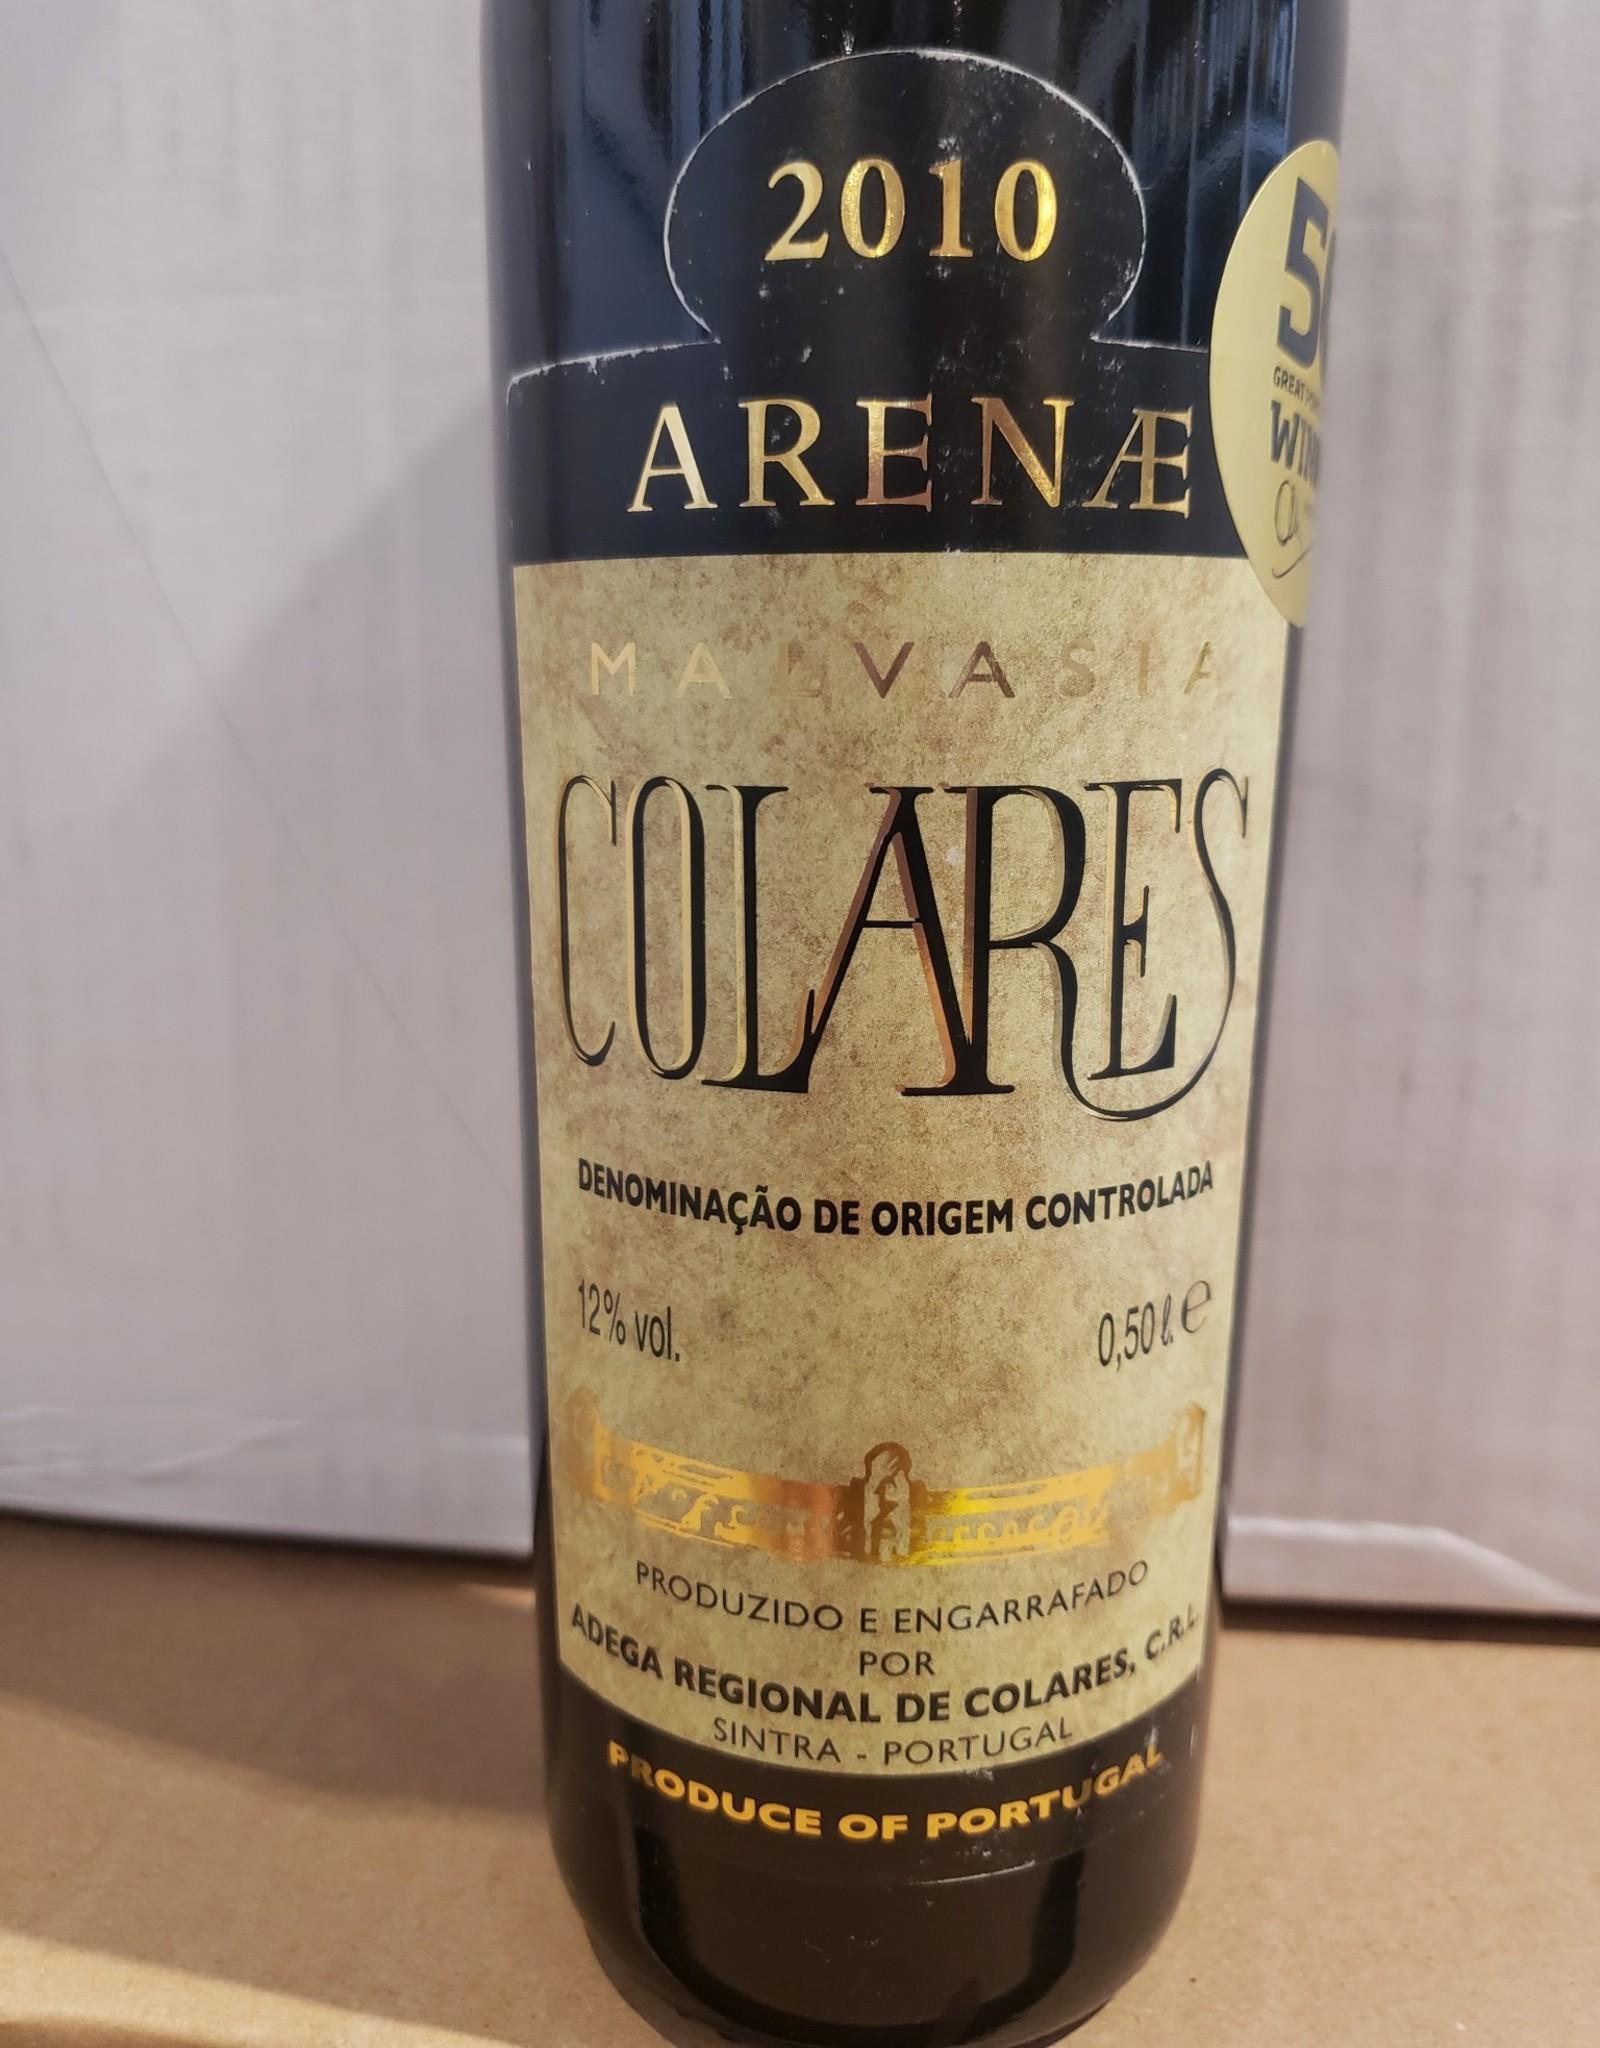 Colares Malvasia, Colares, 'Arenae,' Adega Regional de Colares 2010 (375 ml)